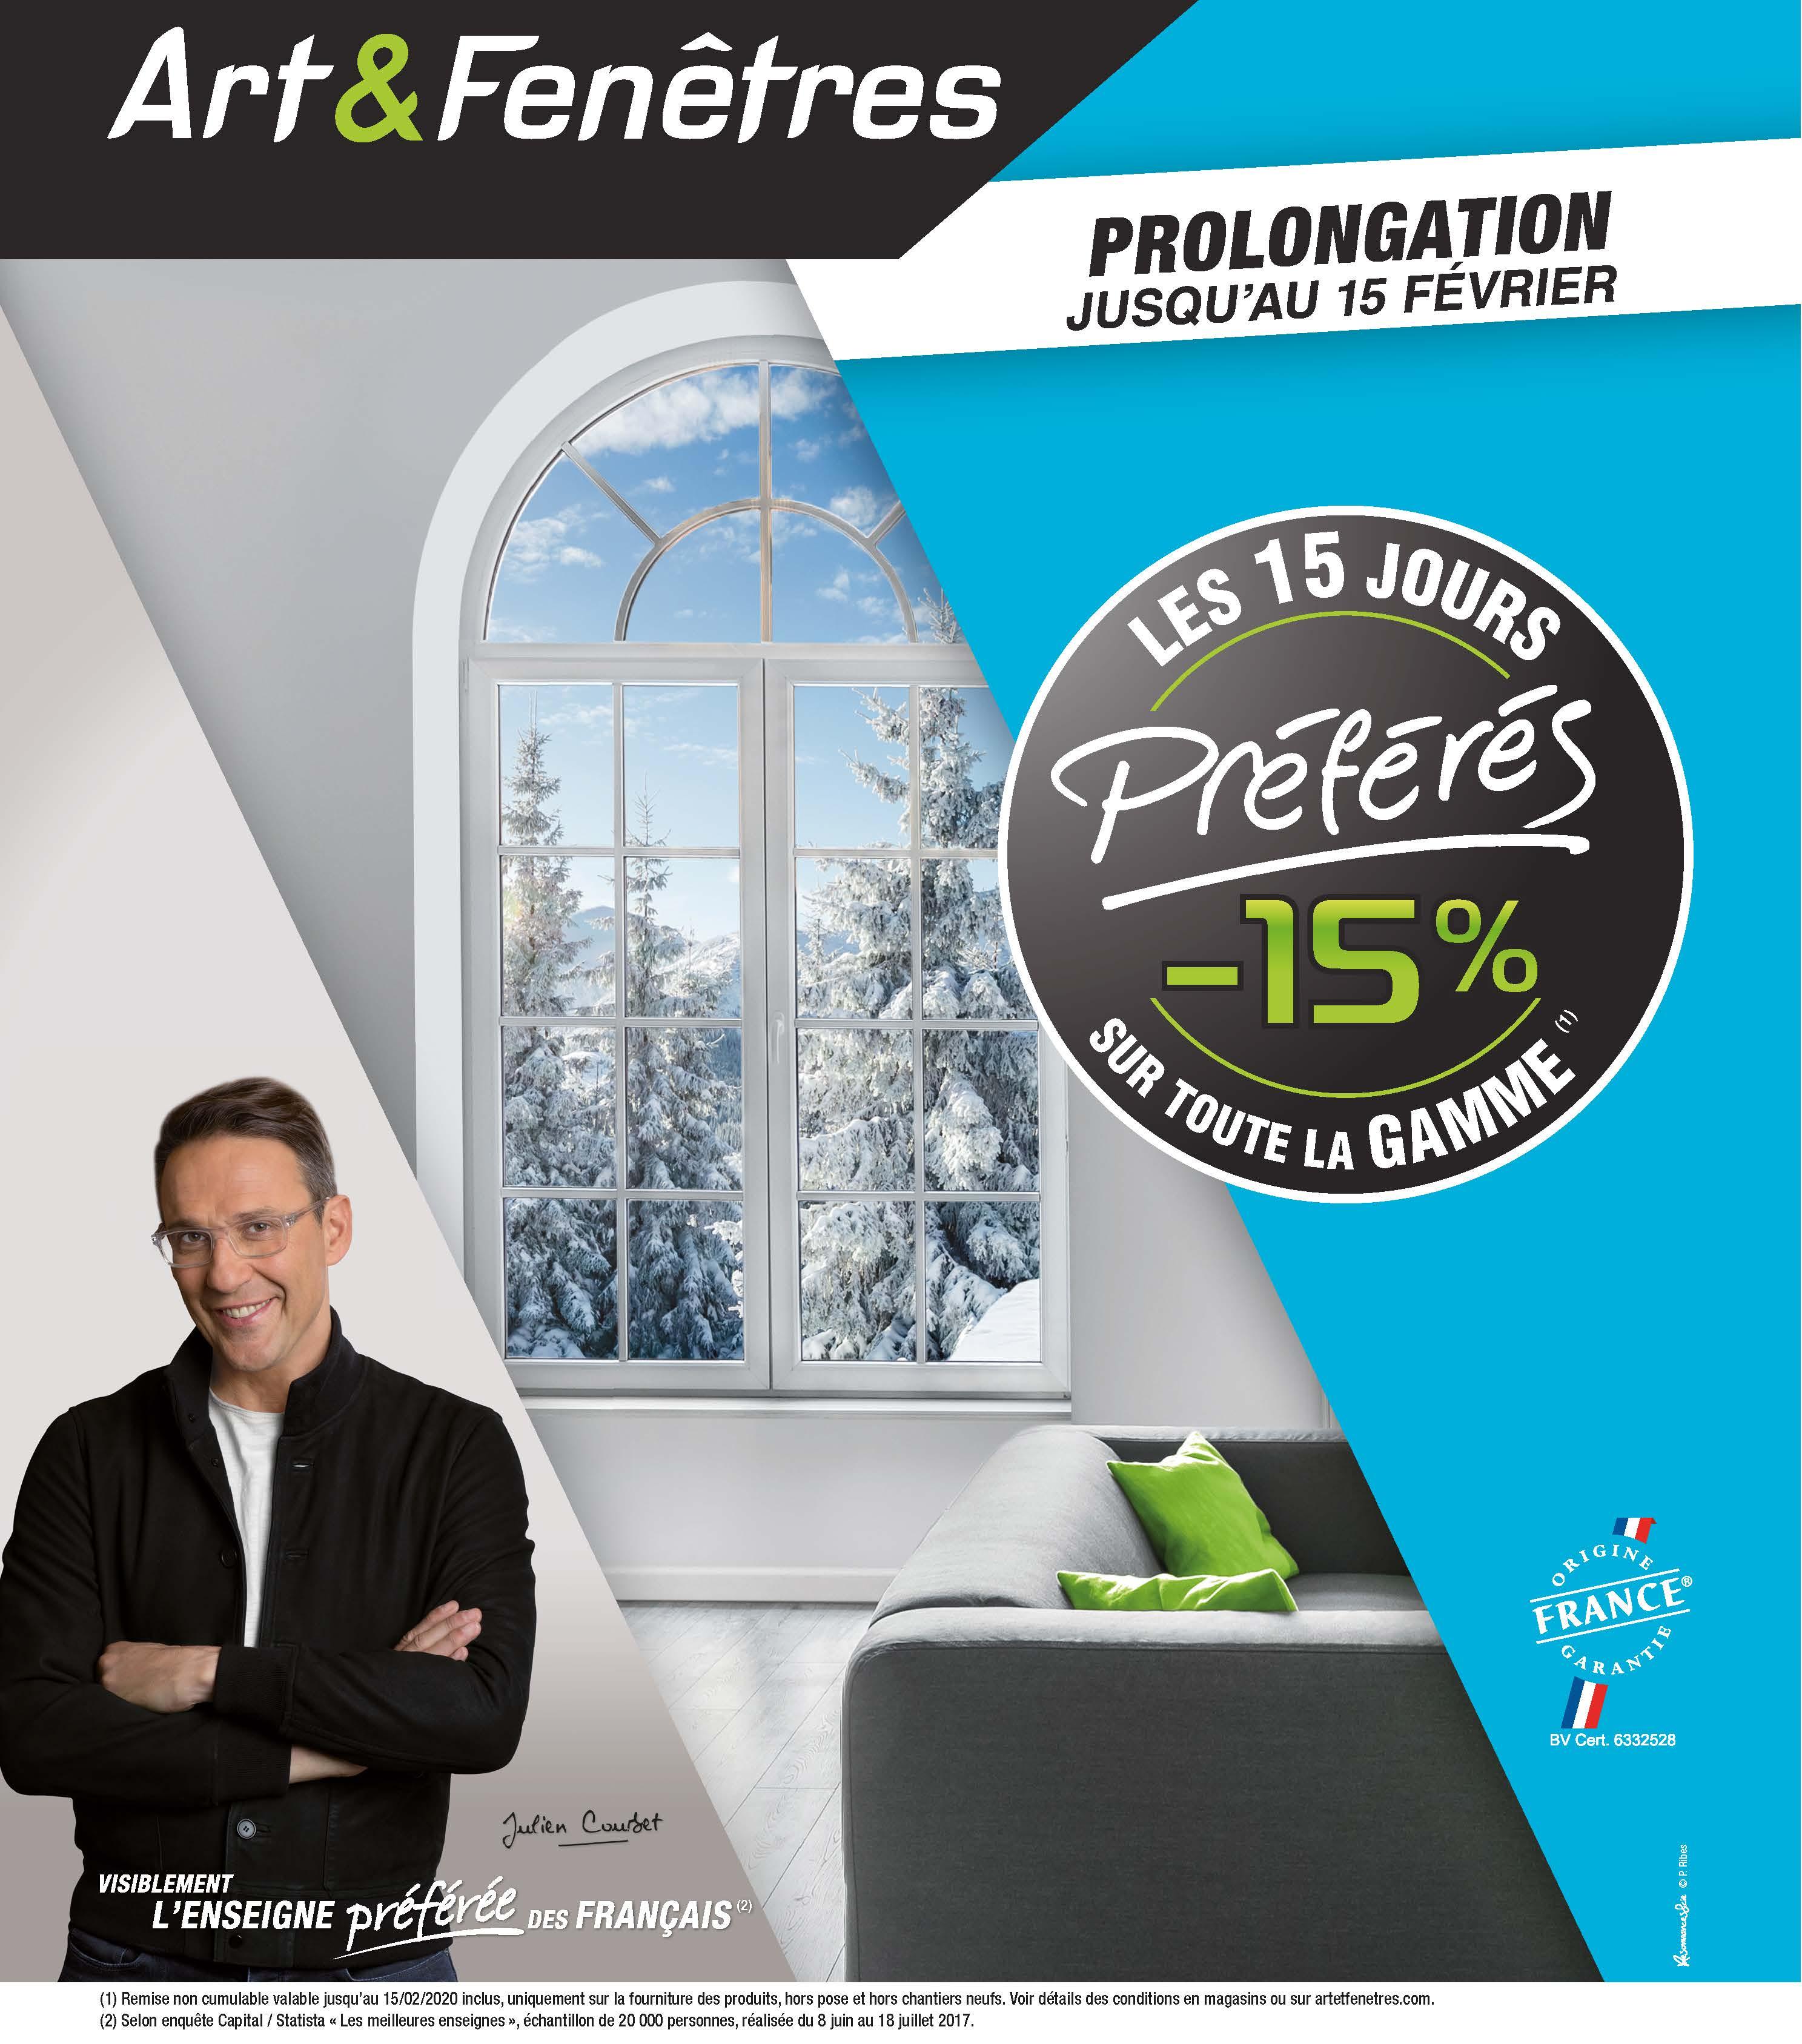 ad-diffusion-operation-sur-toute-la-gamme-art-et-fenetres-moins-15-pourcent-sur-toutes-les-portes-pour-le-mois-de-janvier-2020-fontainebleau-nemours-mennecy-77-91